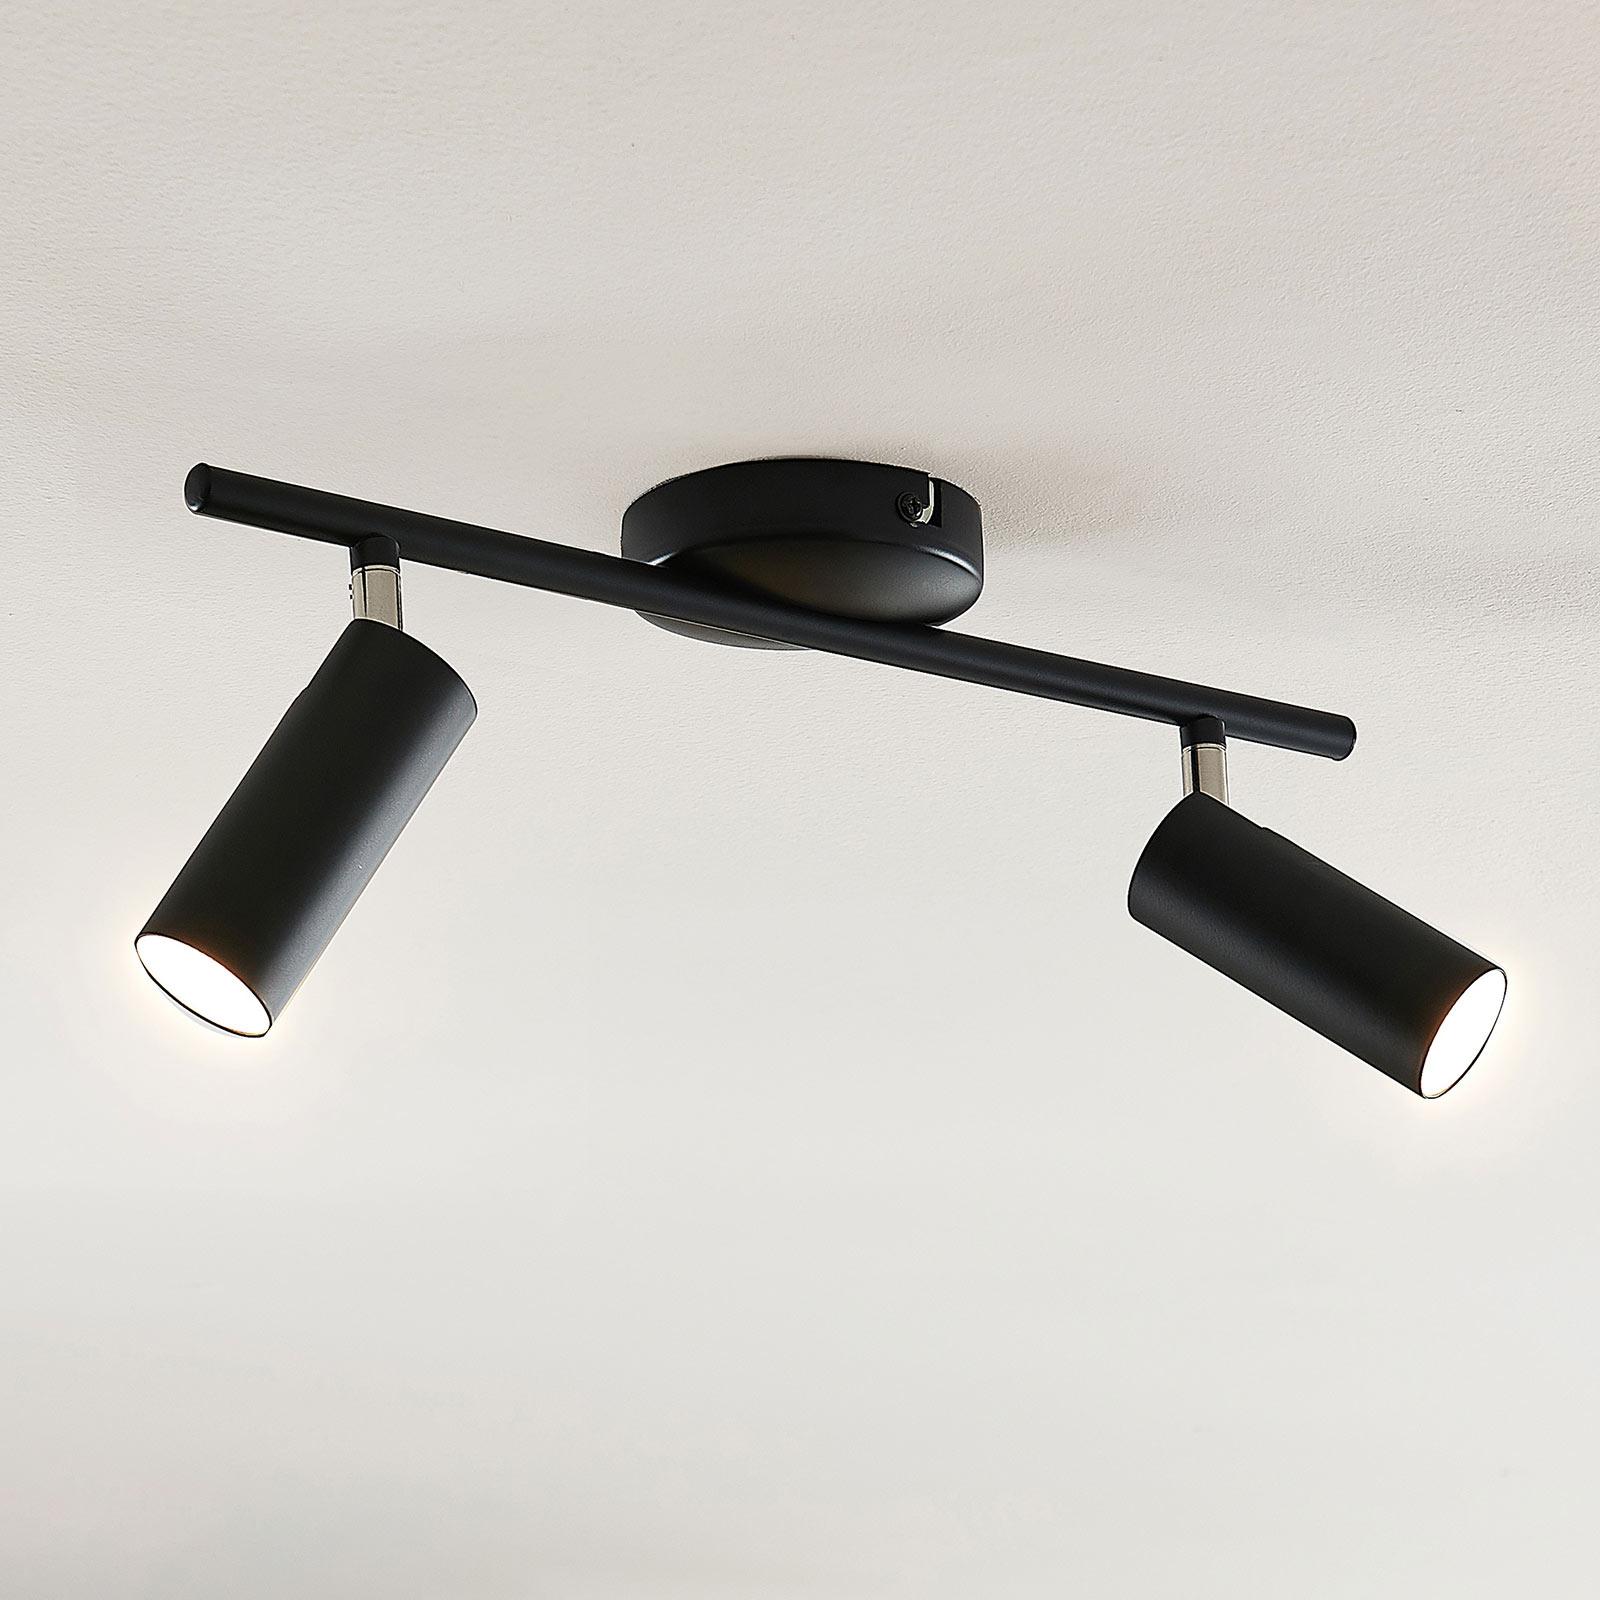 LED plafondlamp Camille, zwart, twee lampjes